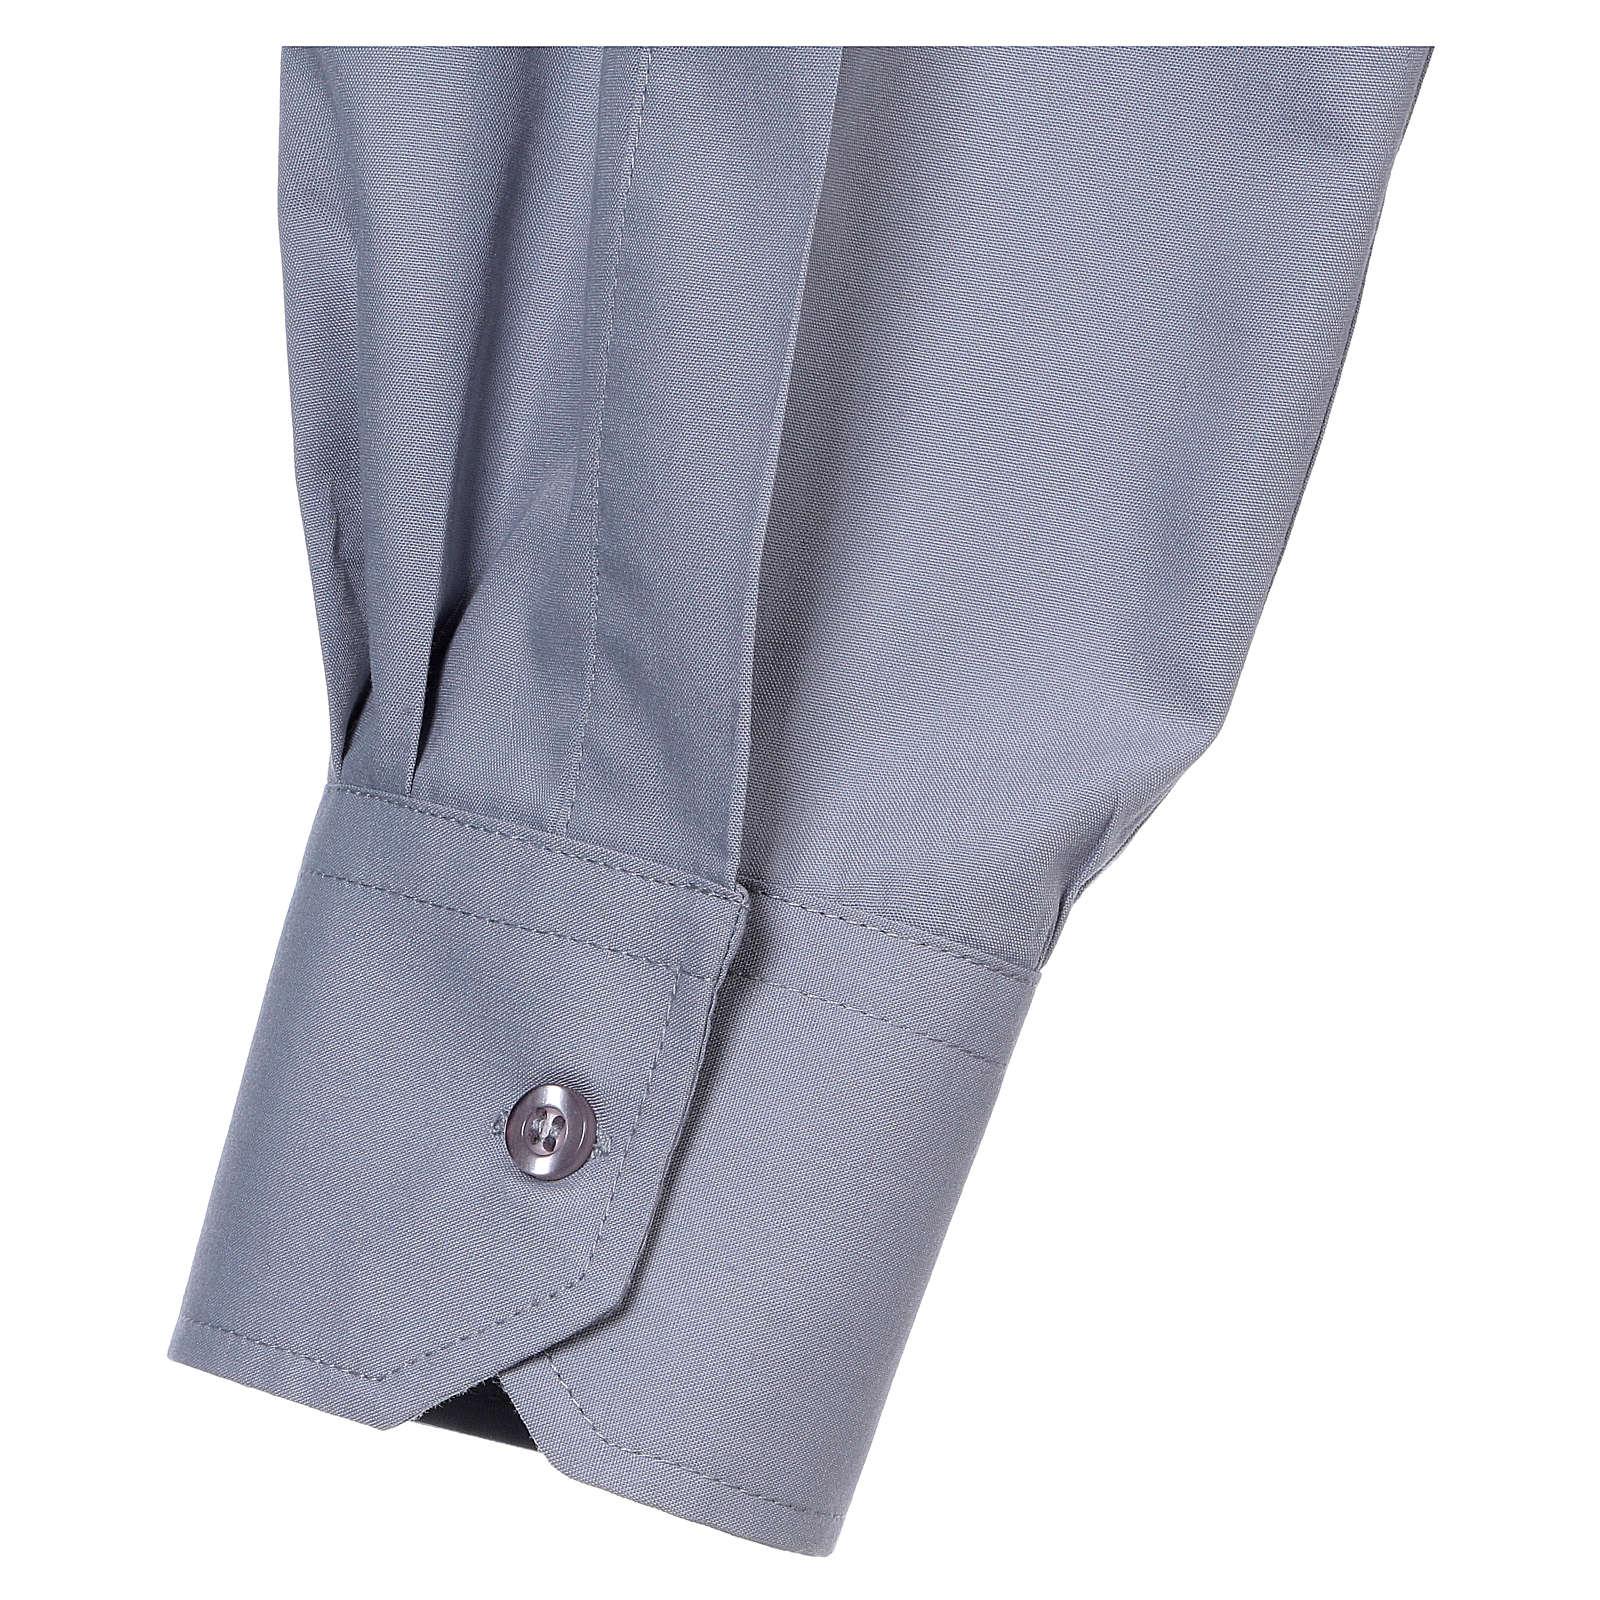 Camicia Clergy manica lunga misto cotone grigio chiaro In Primis 4